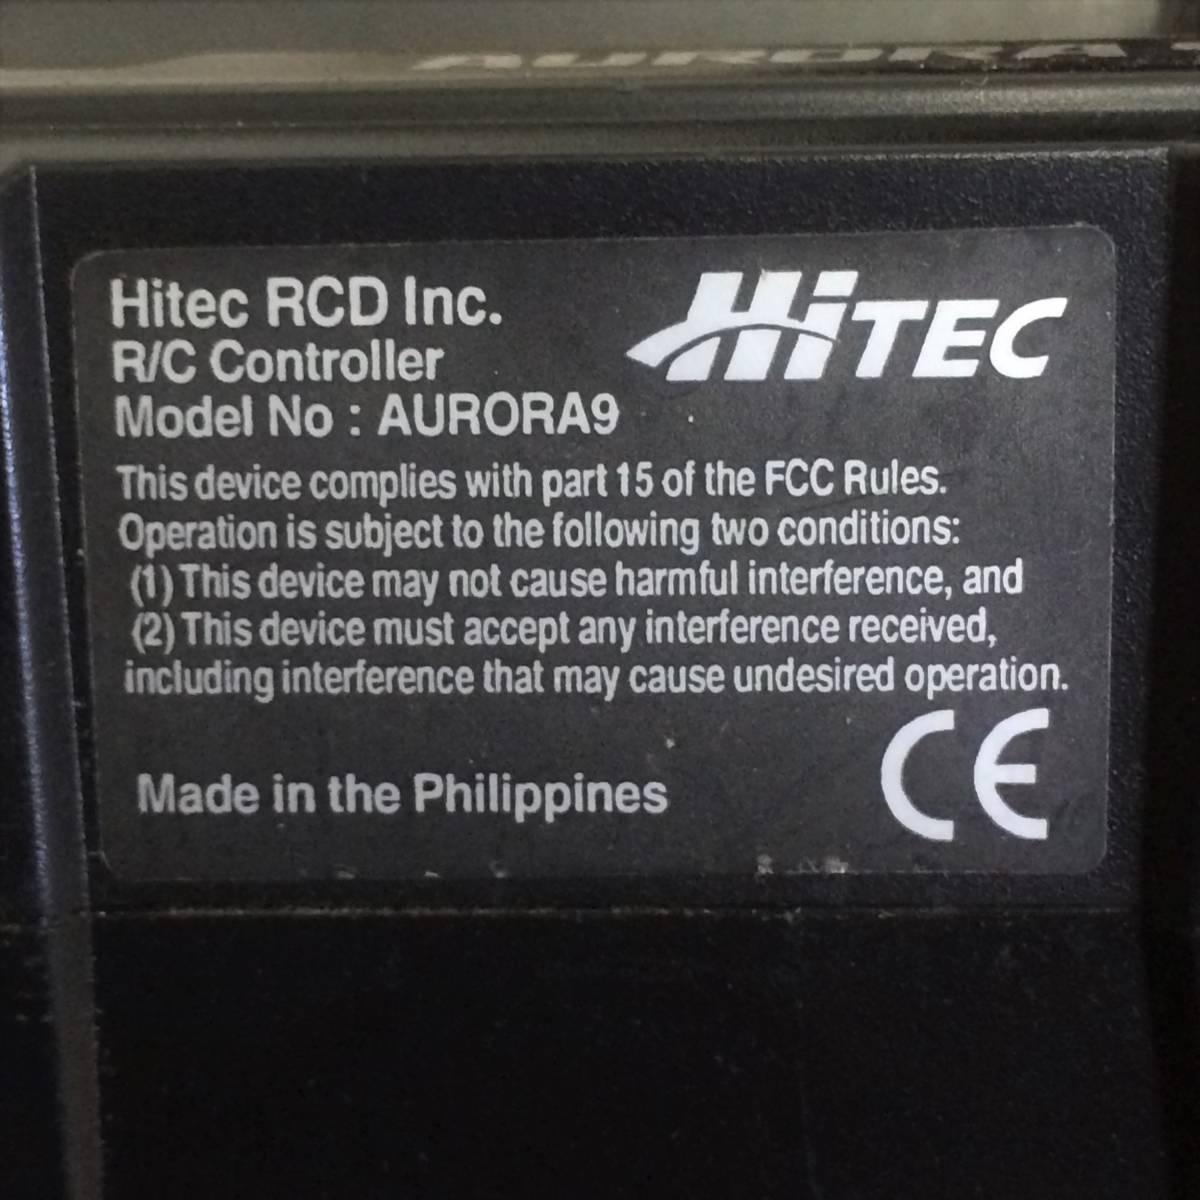 ハイテック/プロポ/AURORA9/ジャンク/HITEC/オーロラ9/2.4GHz/送信機/ラジコン/玩具_画像7